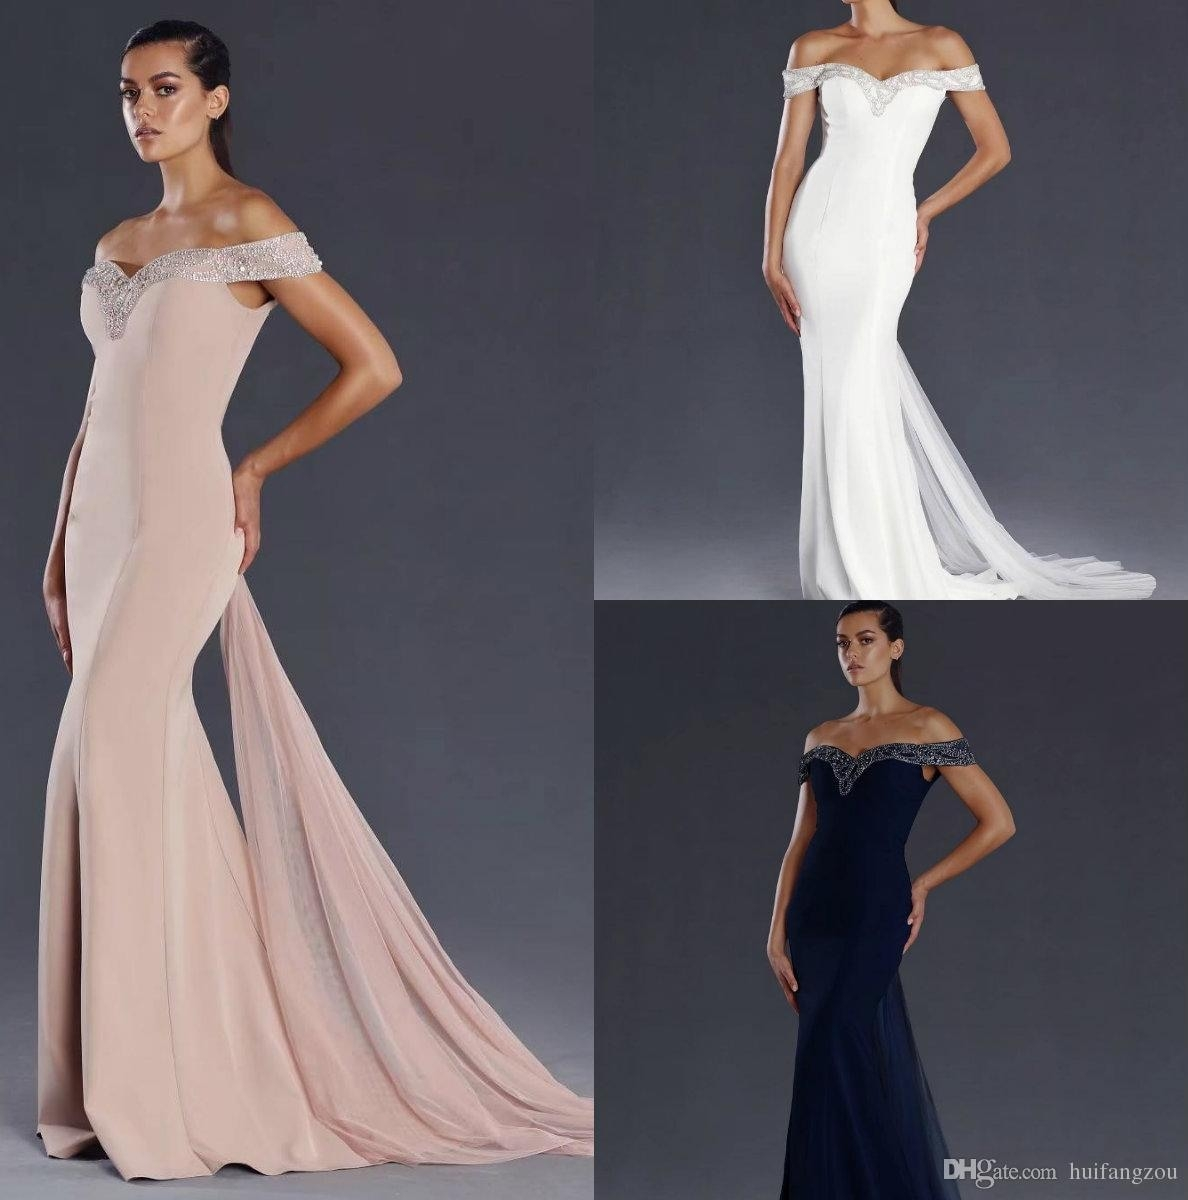 10 Schön Abendkleider Kostenloser Versand Boutique Genial Abendkleider Kostenloser Versand Bester Preis